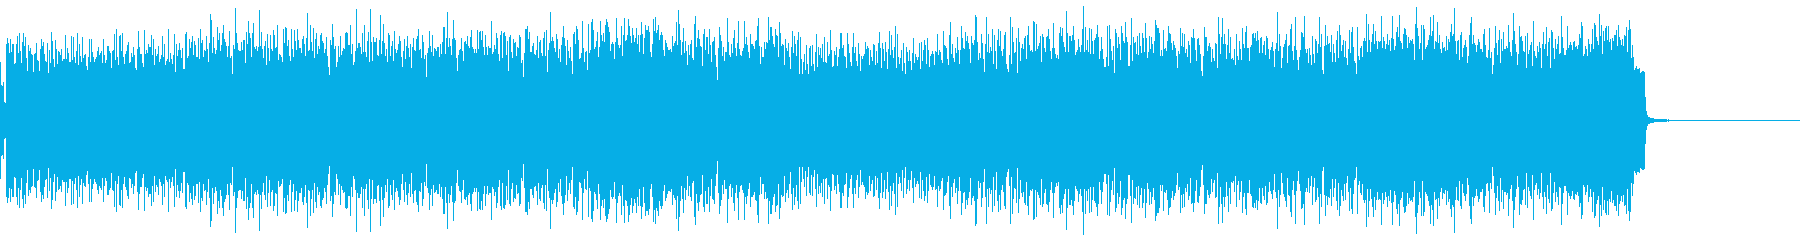 歓喜の歌のロックバージョン!の再生済みの波形